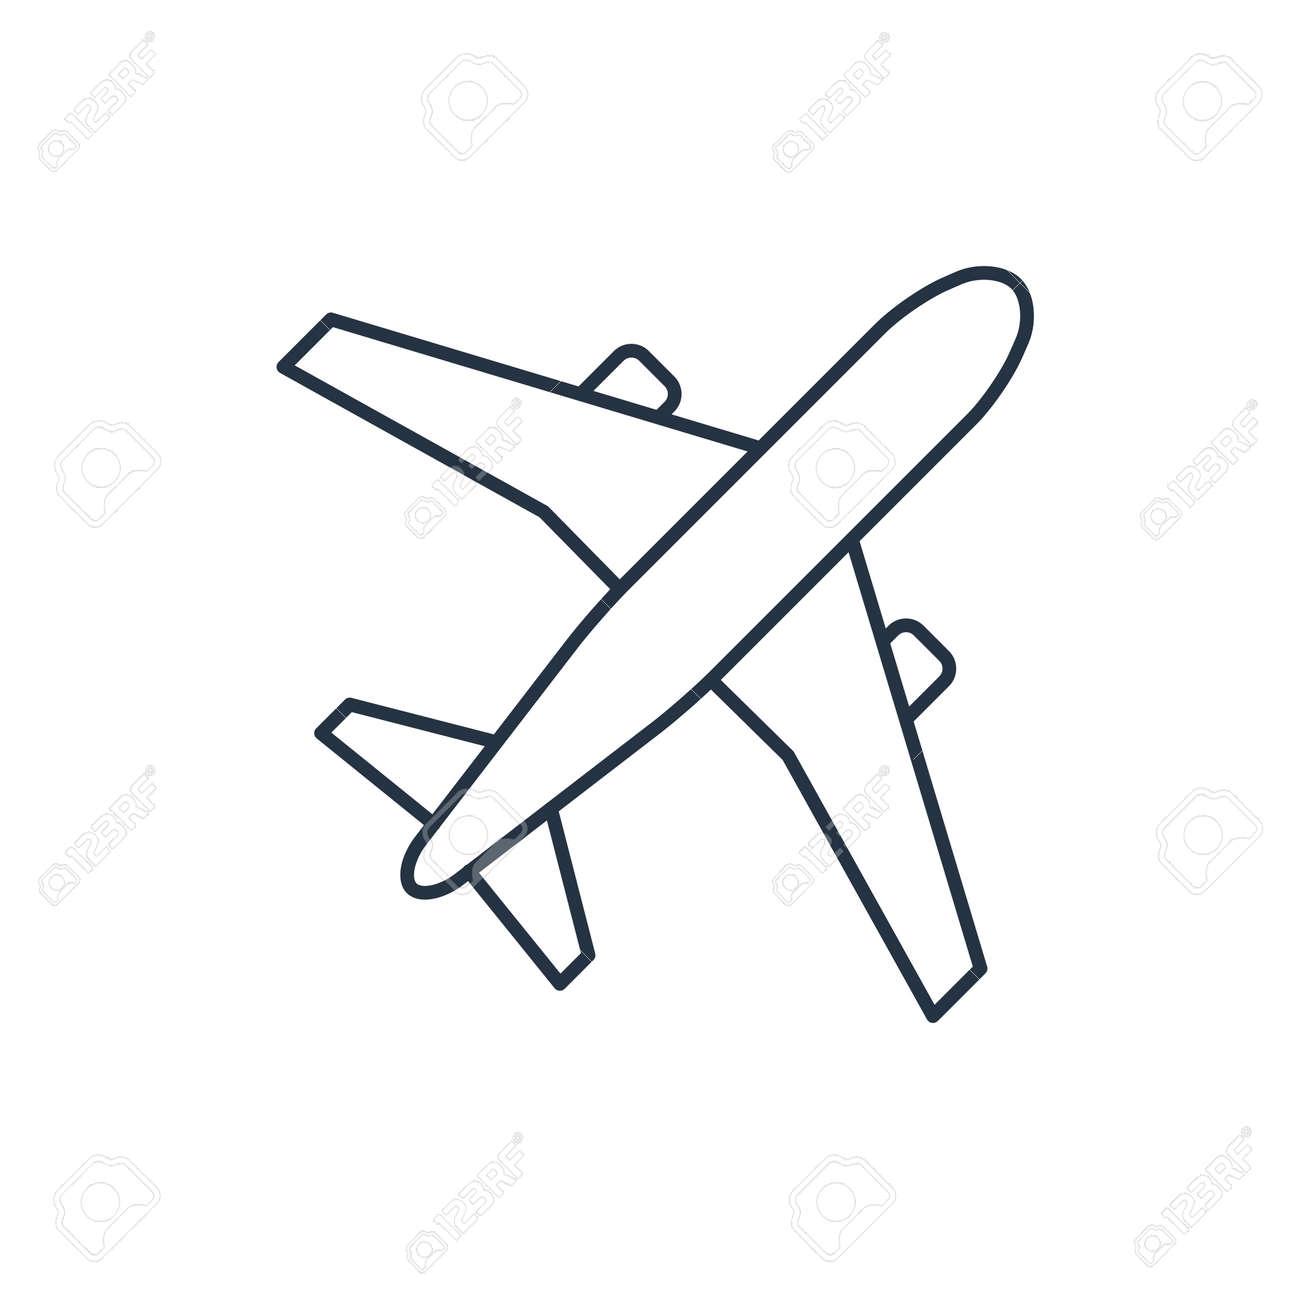 Avion Del Icono Del Vector Esquema Ilustraciones Vectoriales Clip Art Vectorizado Libre De Derechos Image 45514558